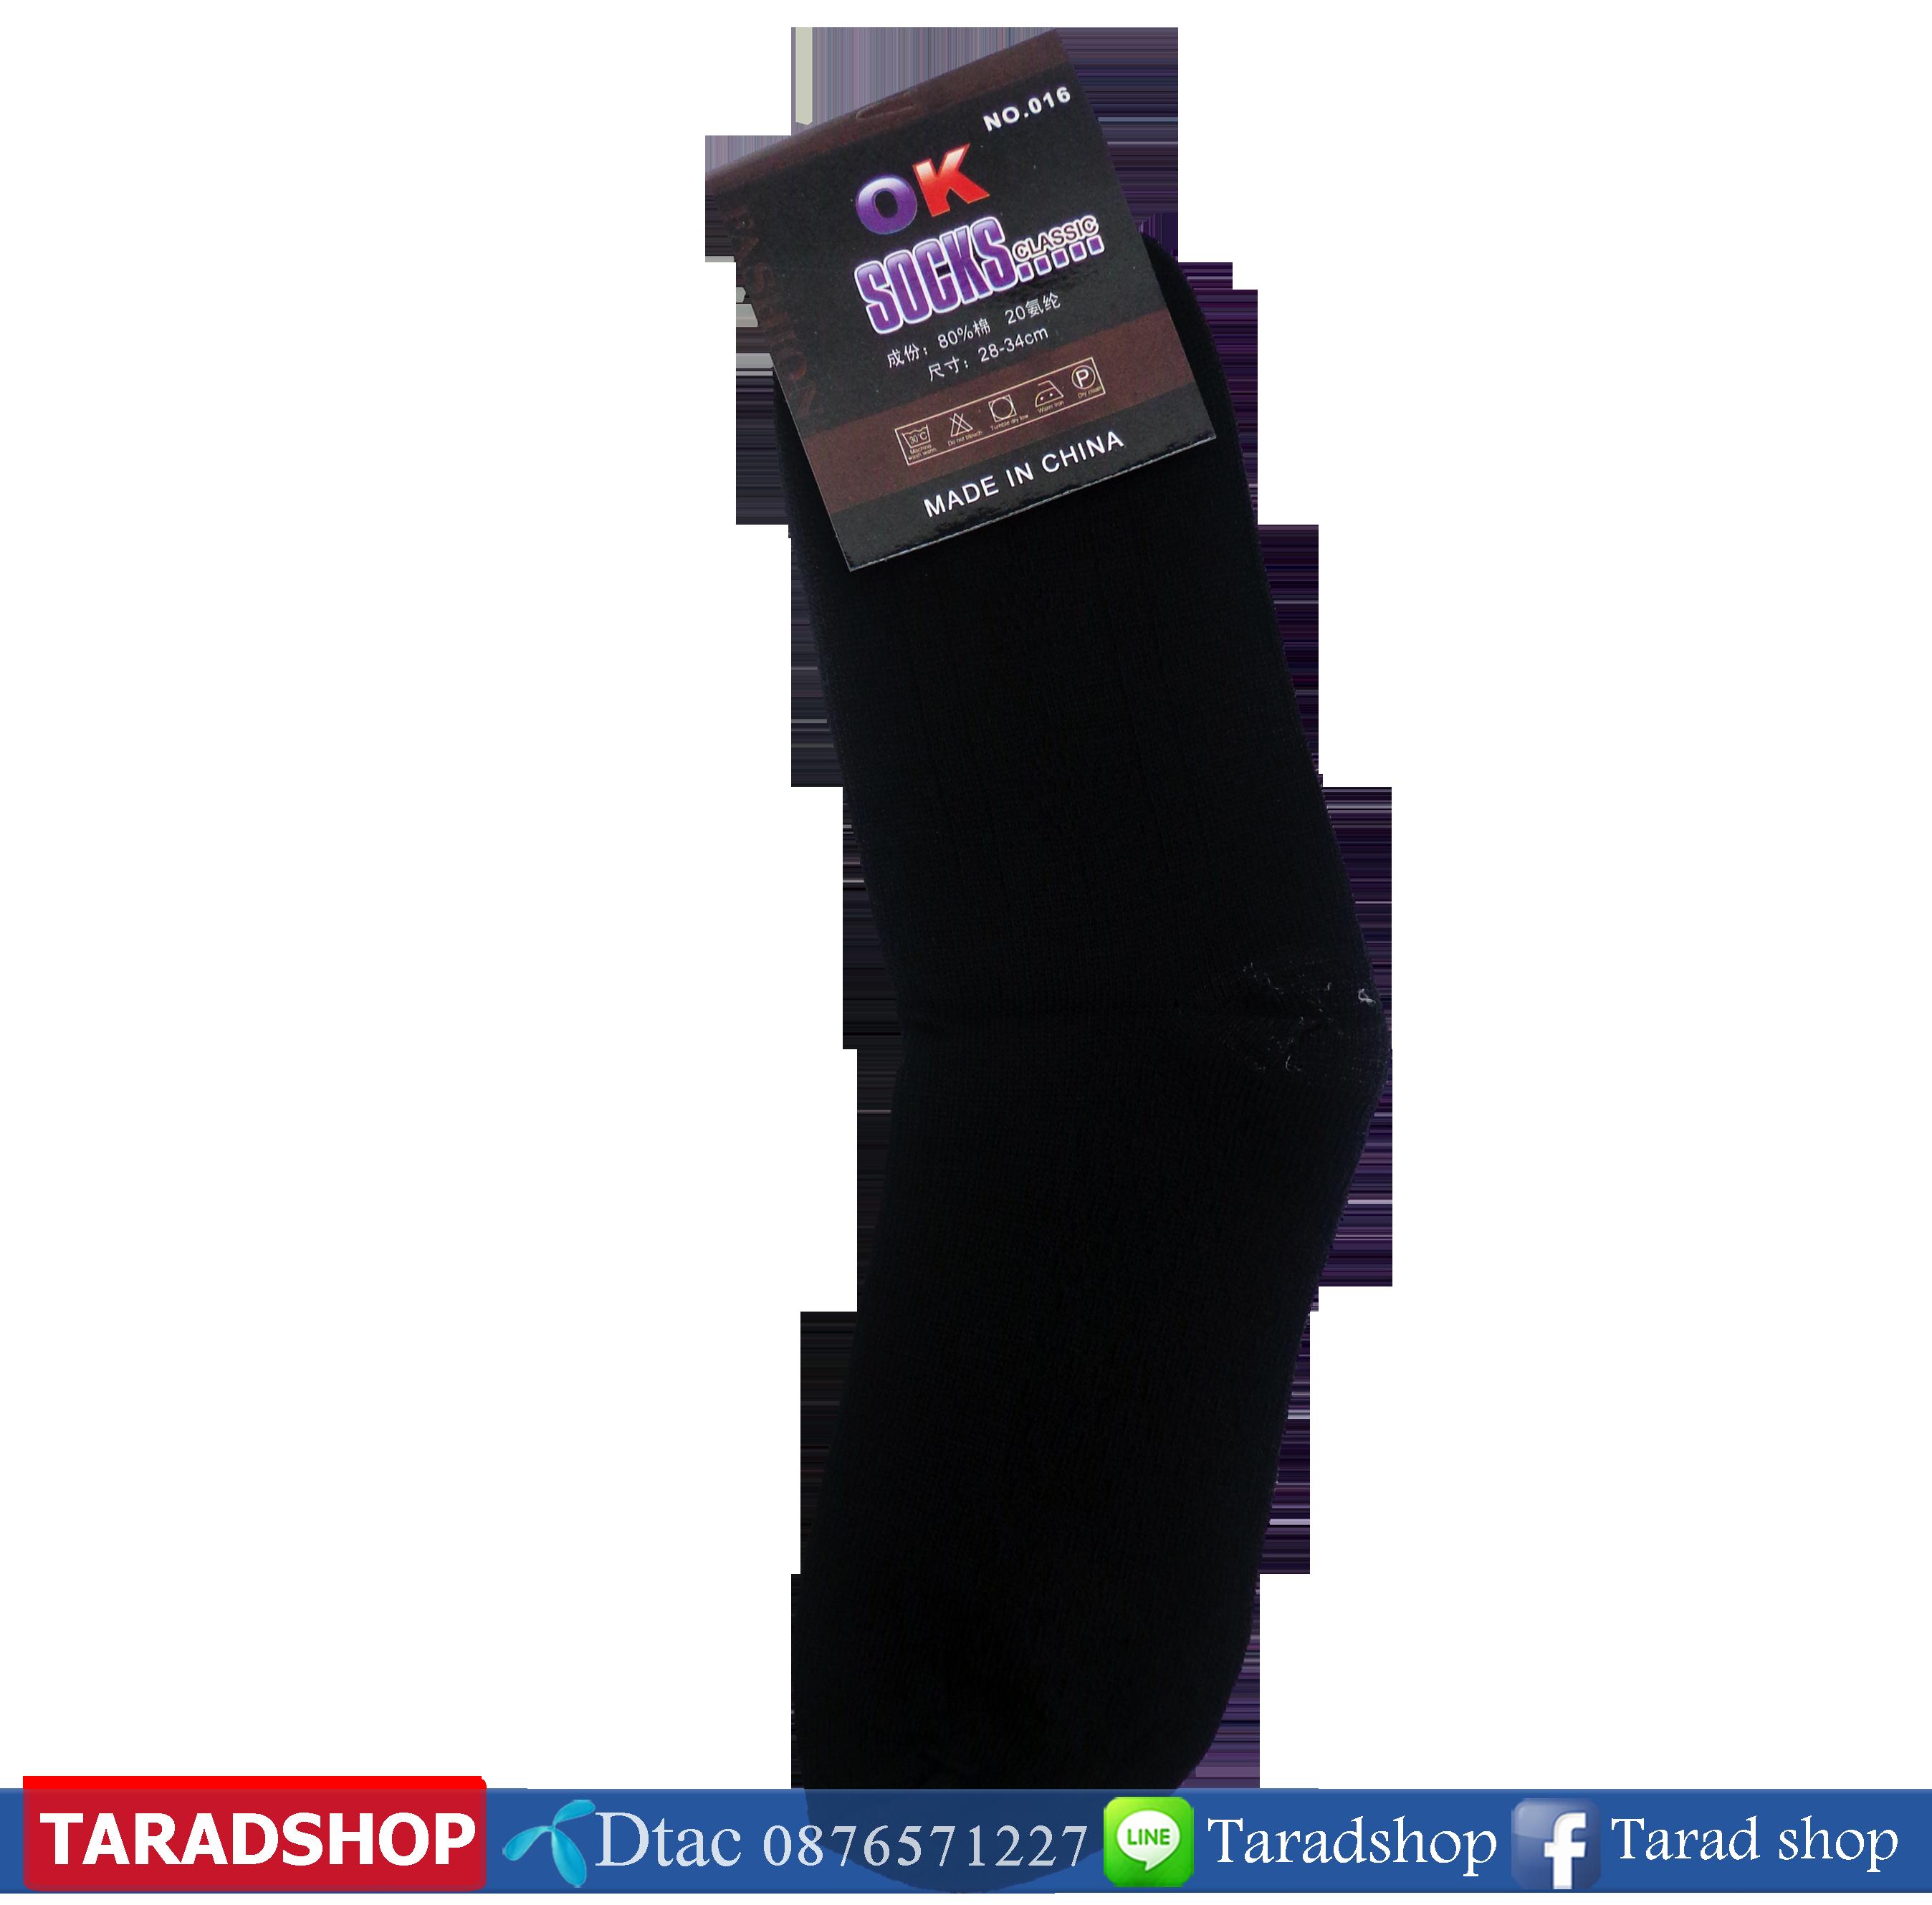 ถุงเท้าแฟชั่น ok socks classic ( ชนิดแพ็ค)